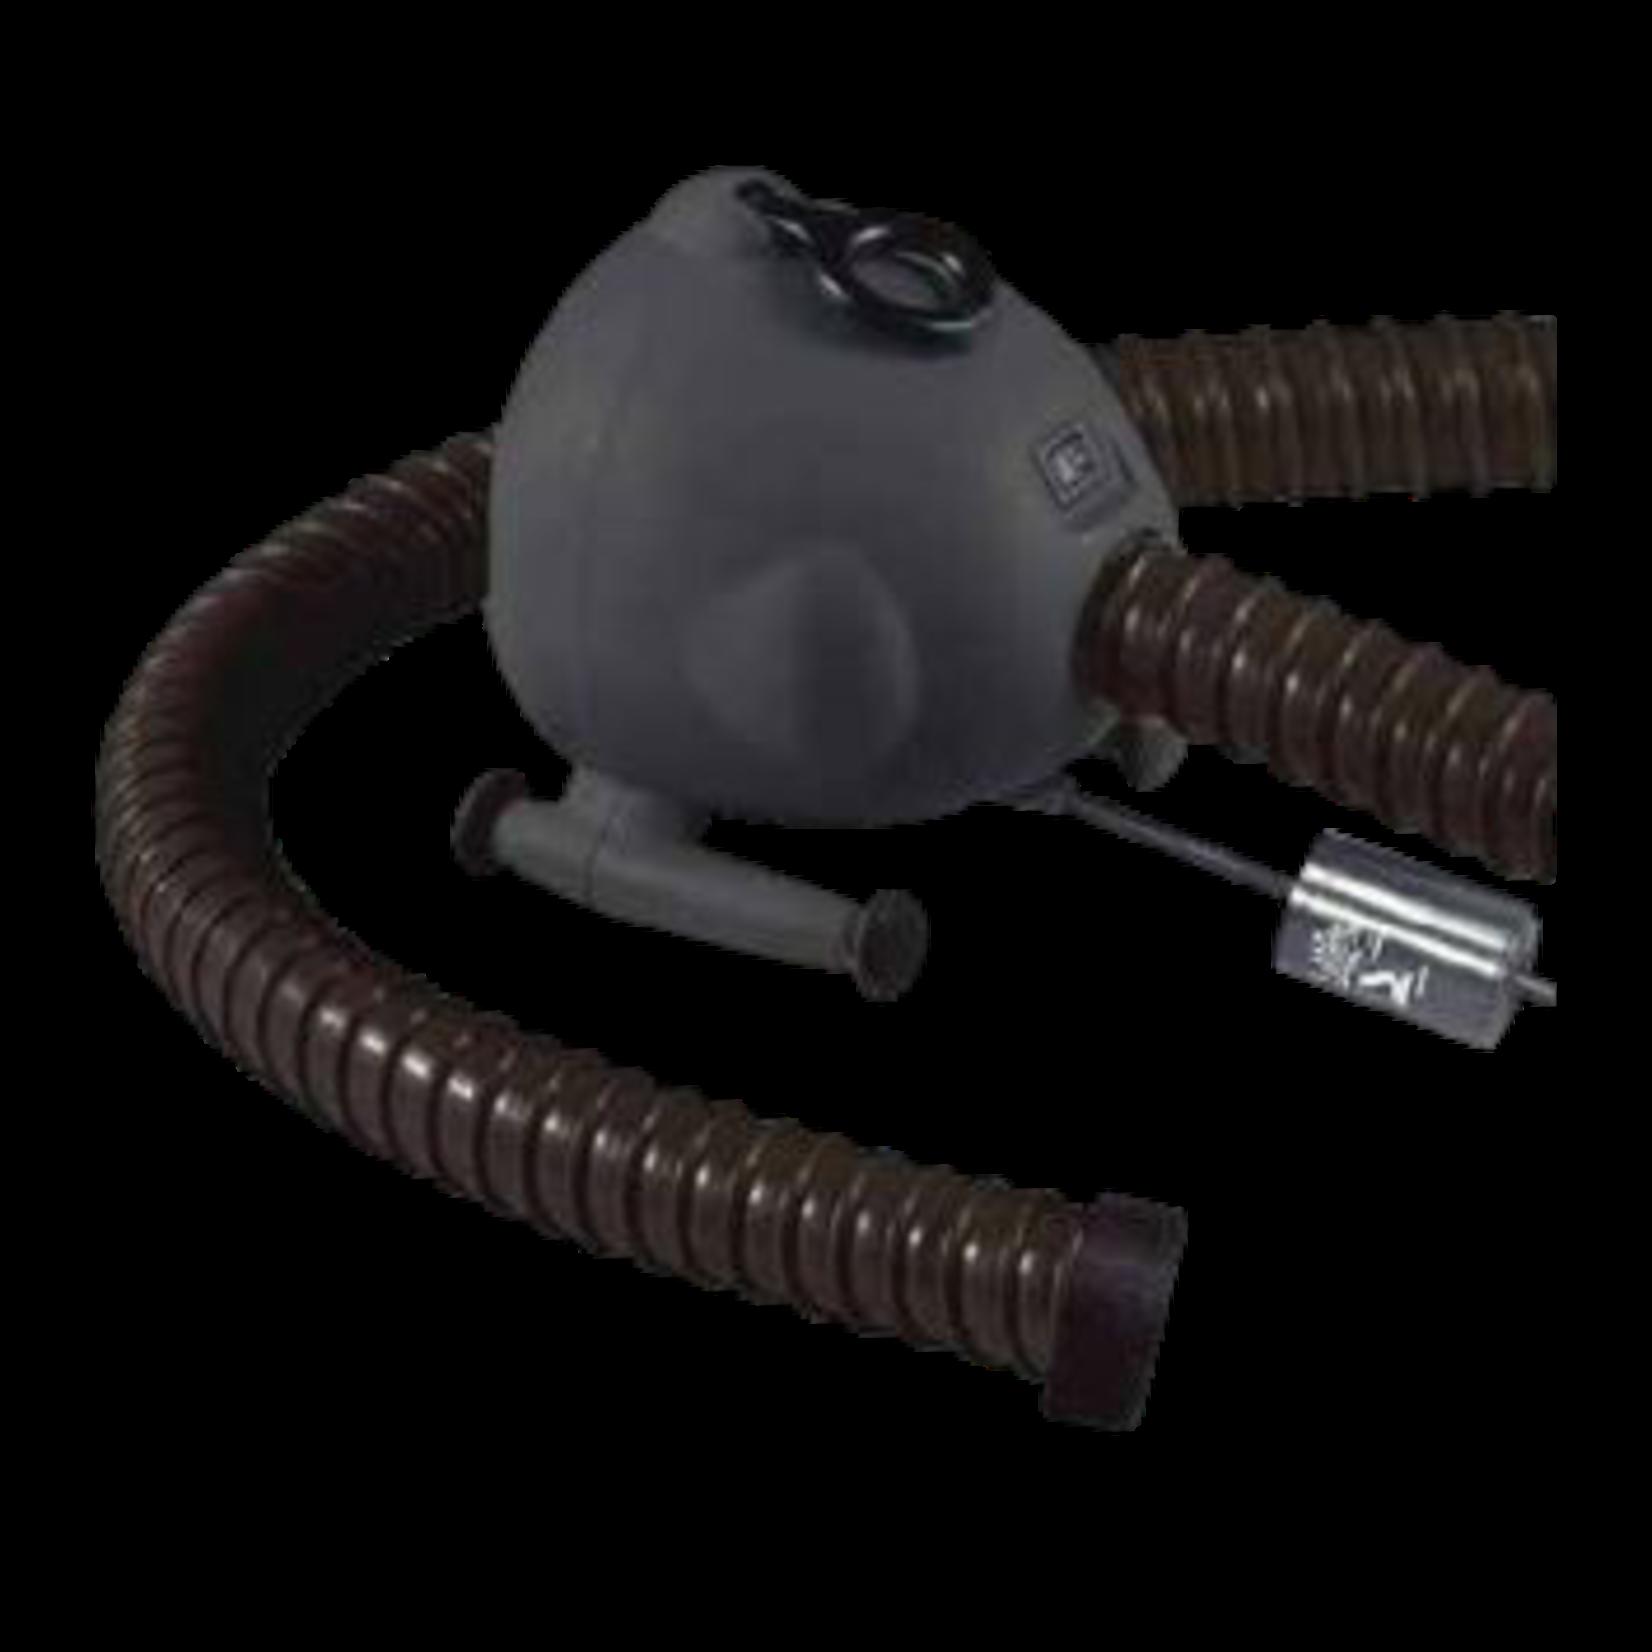 Scoprega Elektrische pomp 230V tot 250 mbar